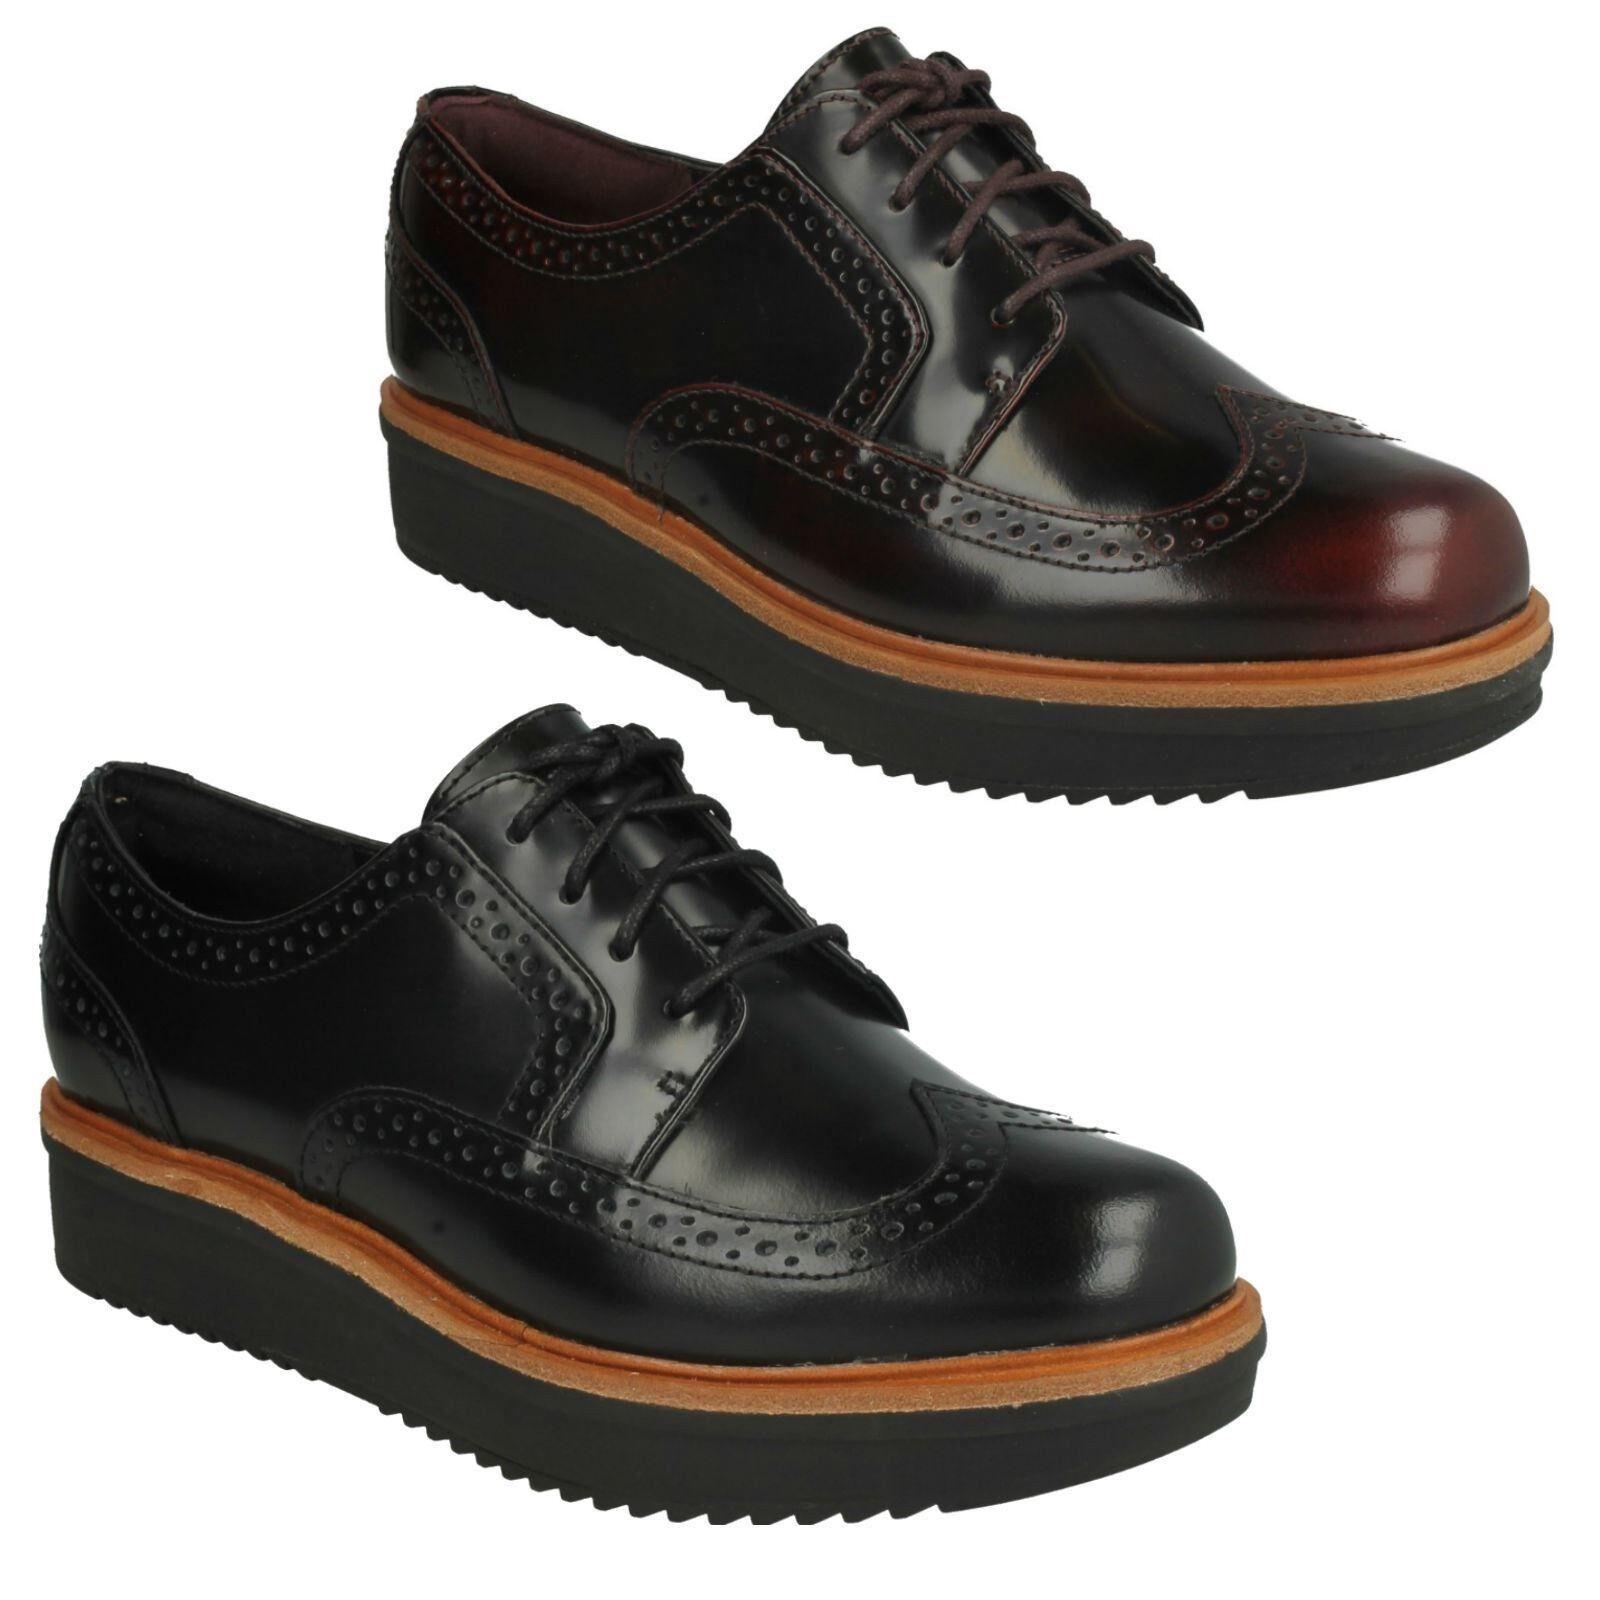 Clarks Mujer Cuero Calado con Cordones Cordones Cordones Informal Zapatos de Tacón bajo Talla  barato